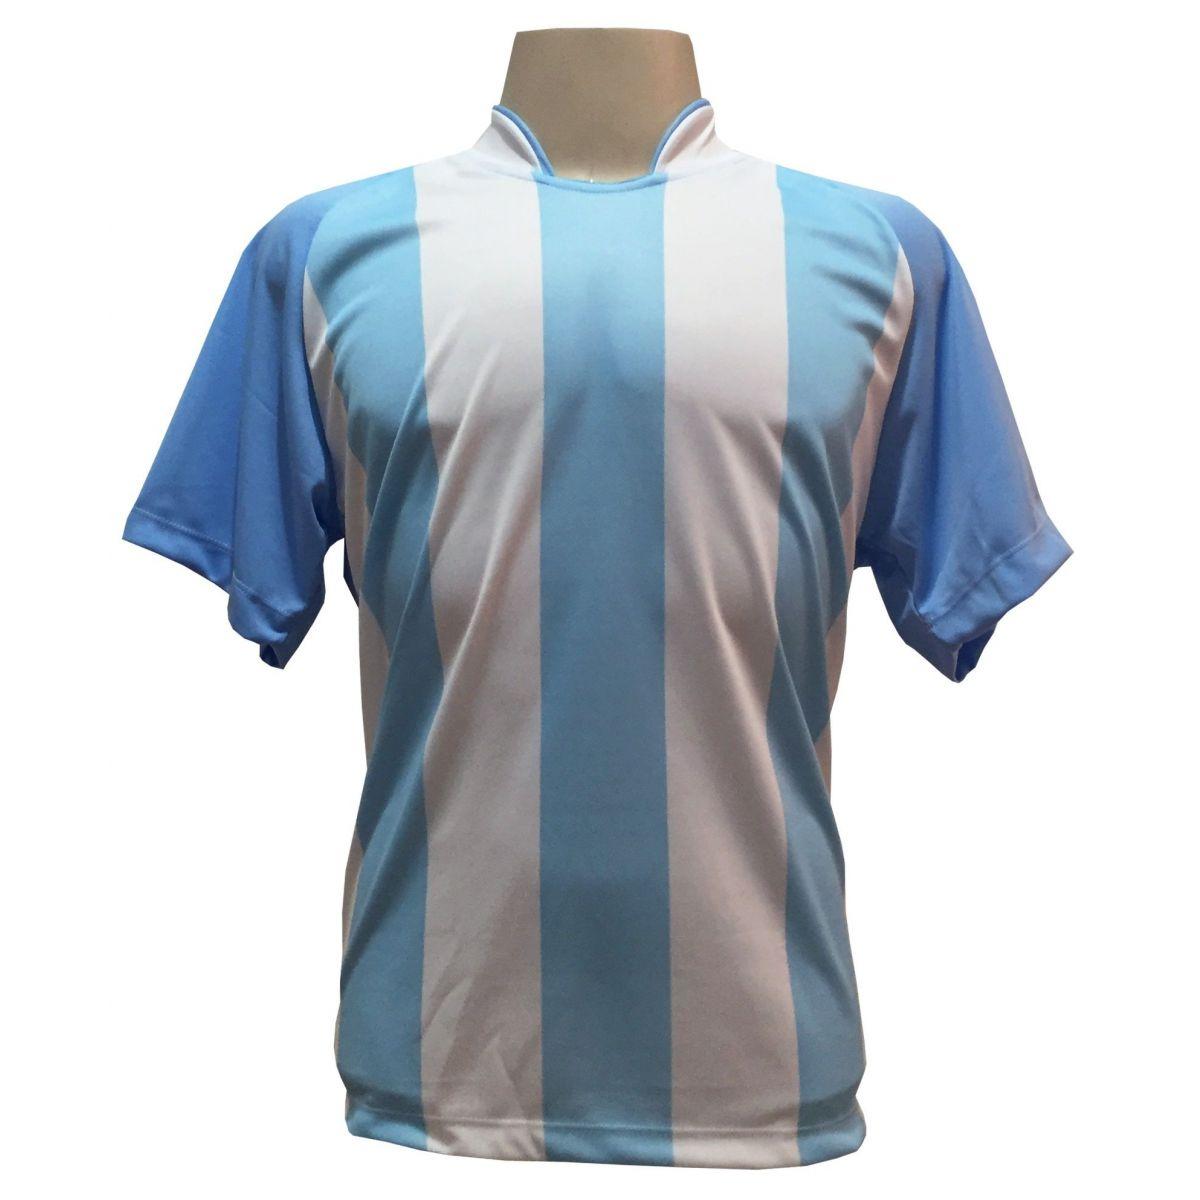 Uniforme Esportivo com 18 camisas modelo Milan Celeste/Branco + 18 calções modelo Madrid Marinho + Brindes